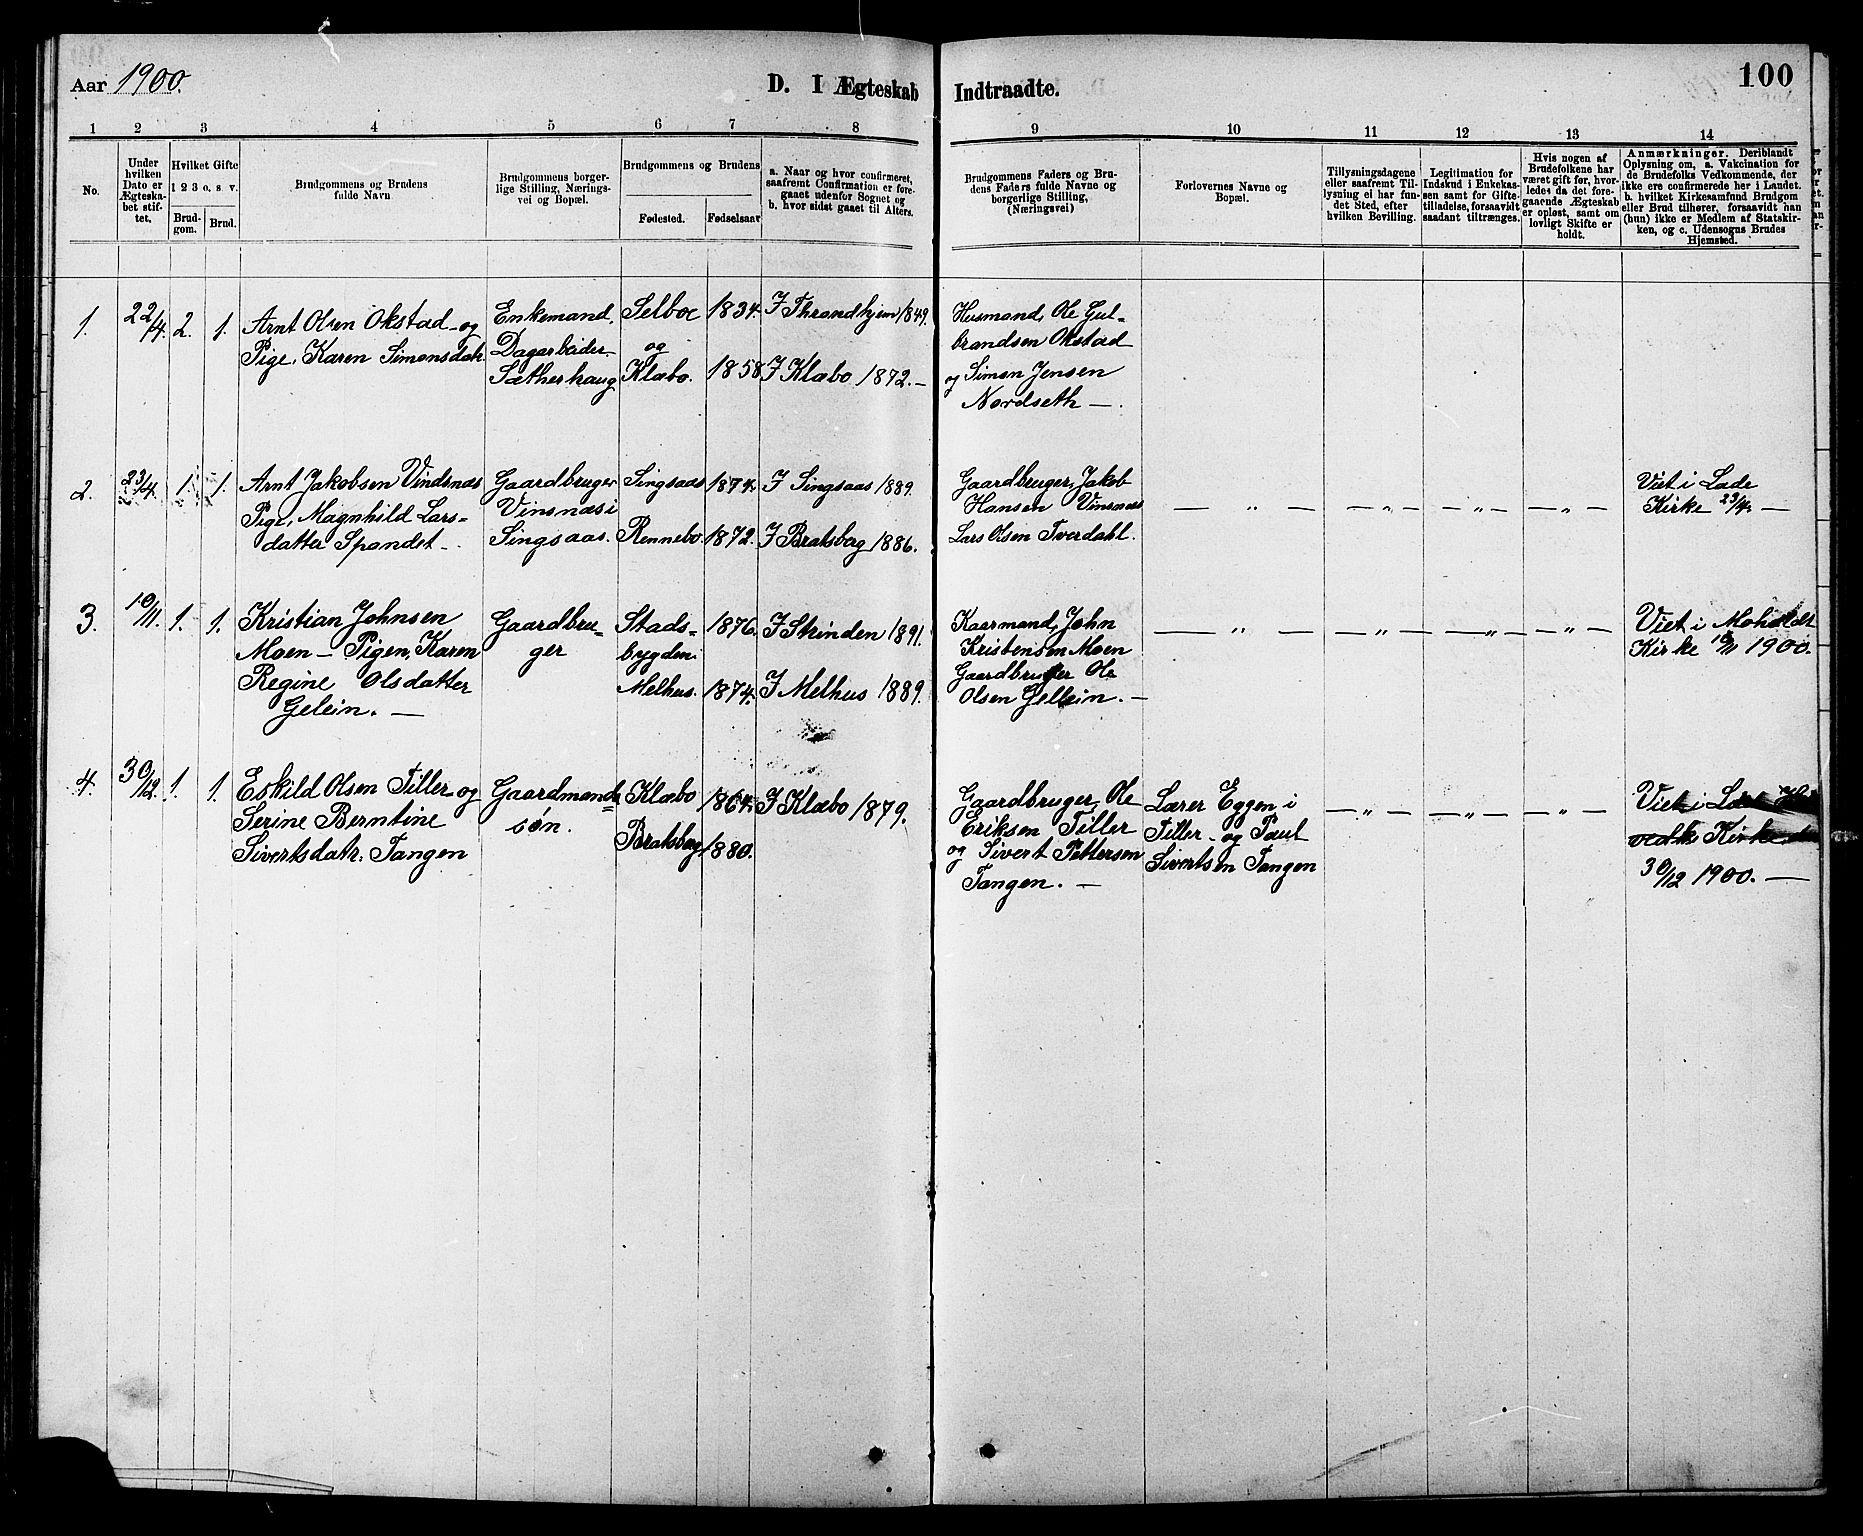 SAT, Ministerialprotokoller, klokkerbøker og fødselsregistre - Sør-Trøndelag, 608/L0341: Klokkerbok nr. 608C07, 1890-1912, s. 100